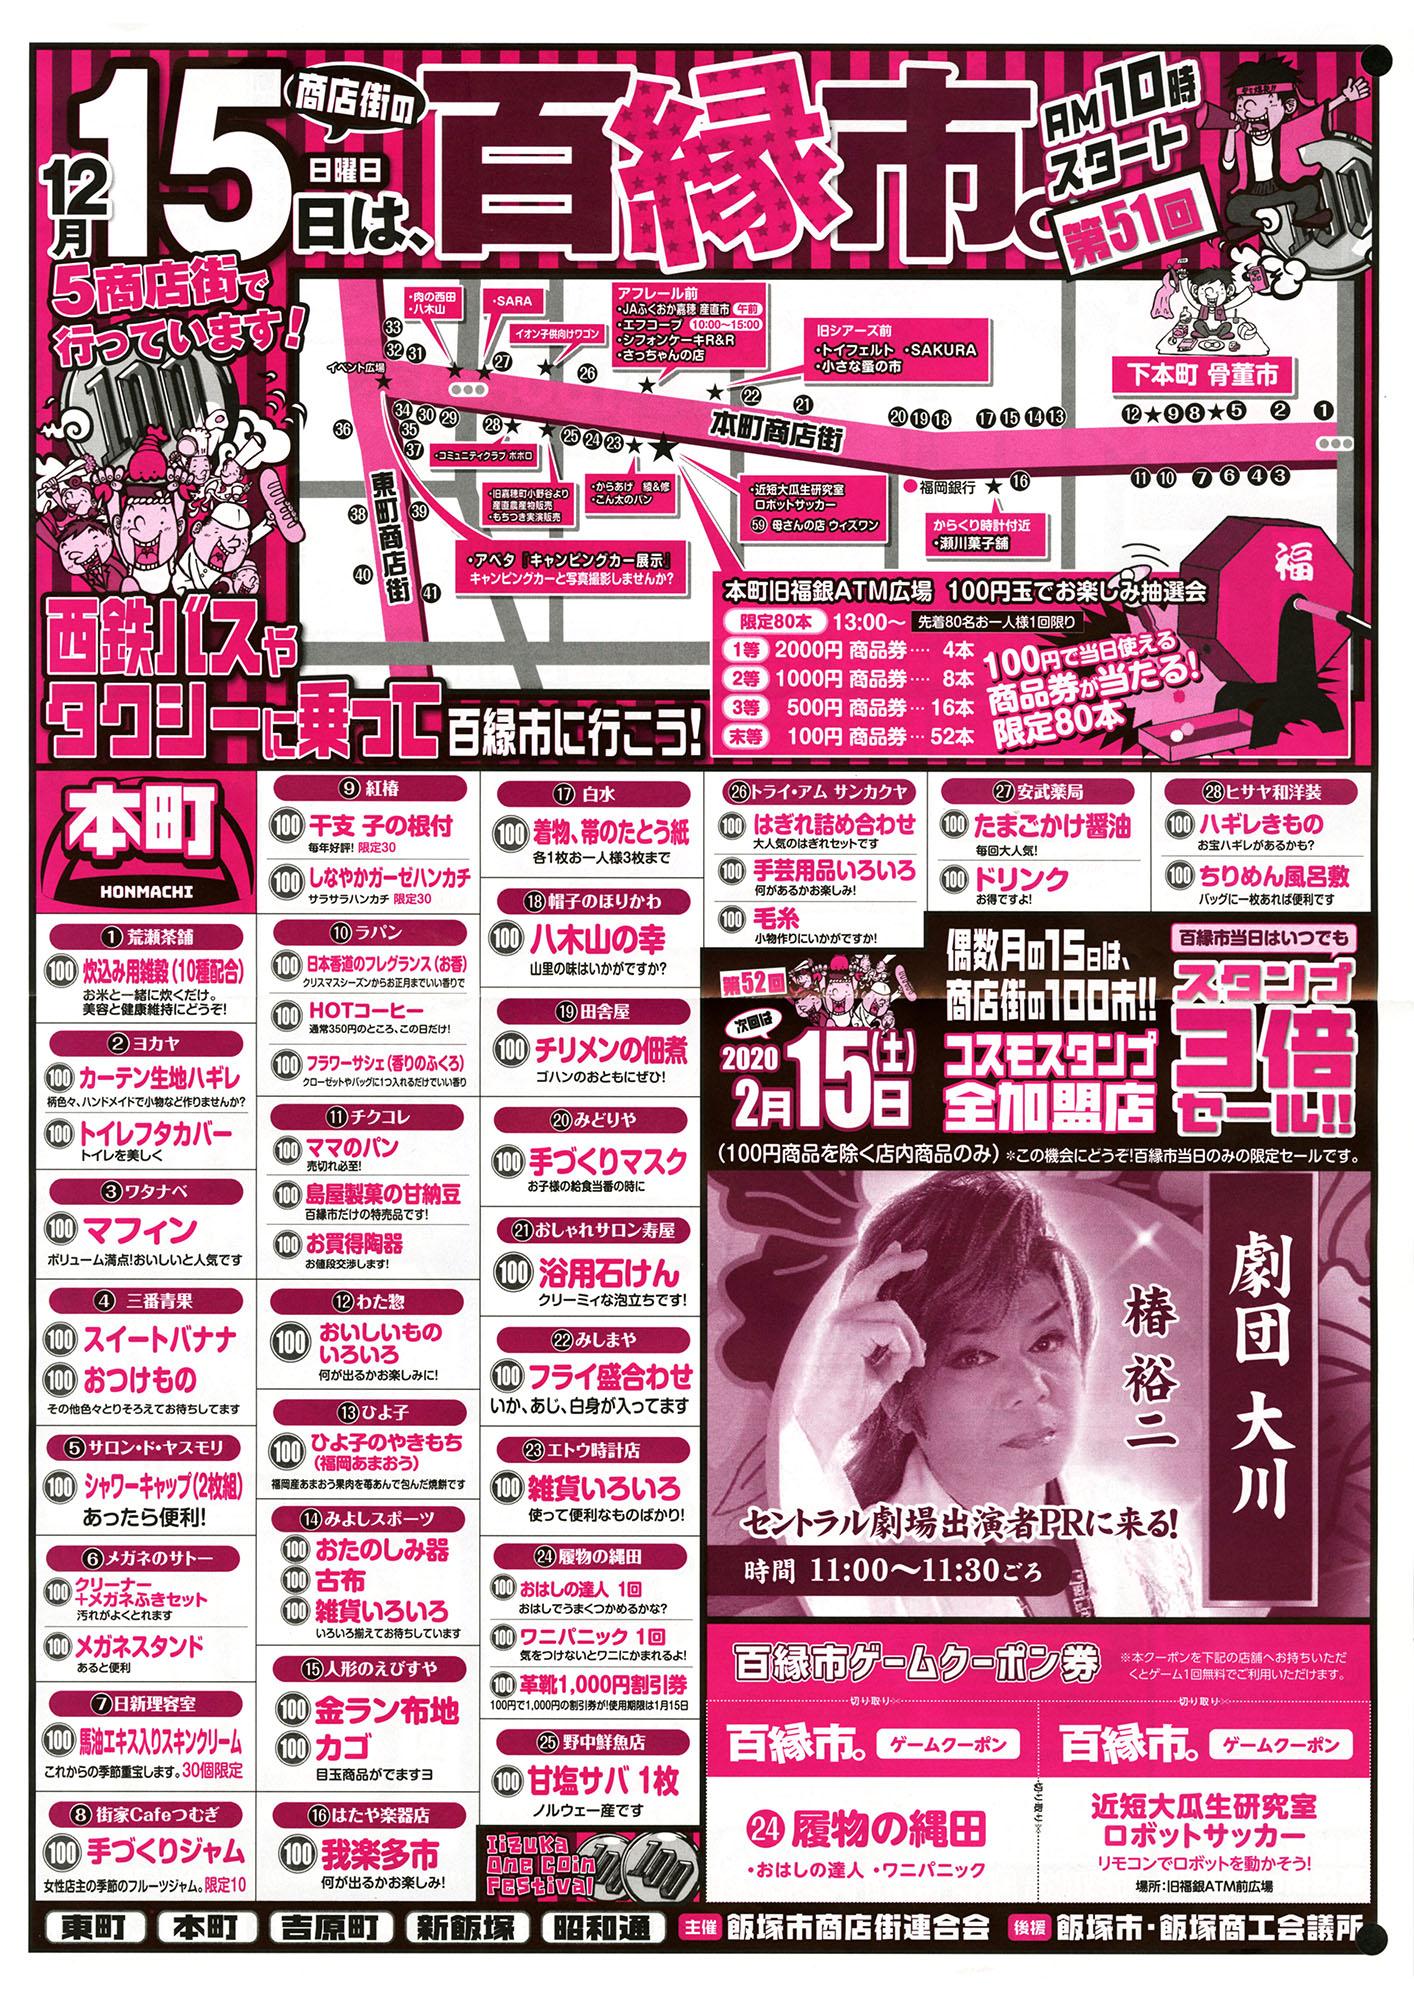 飯塚商店街 百縁市 12月